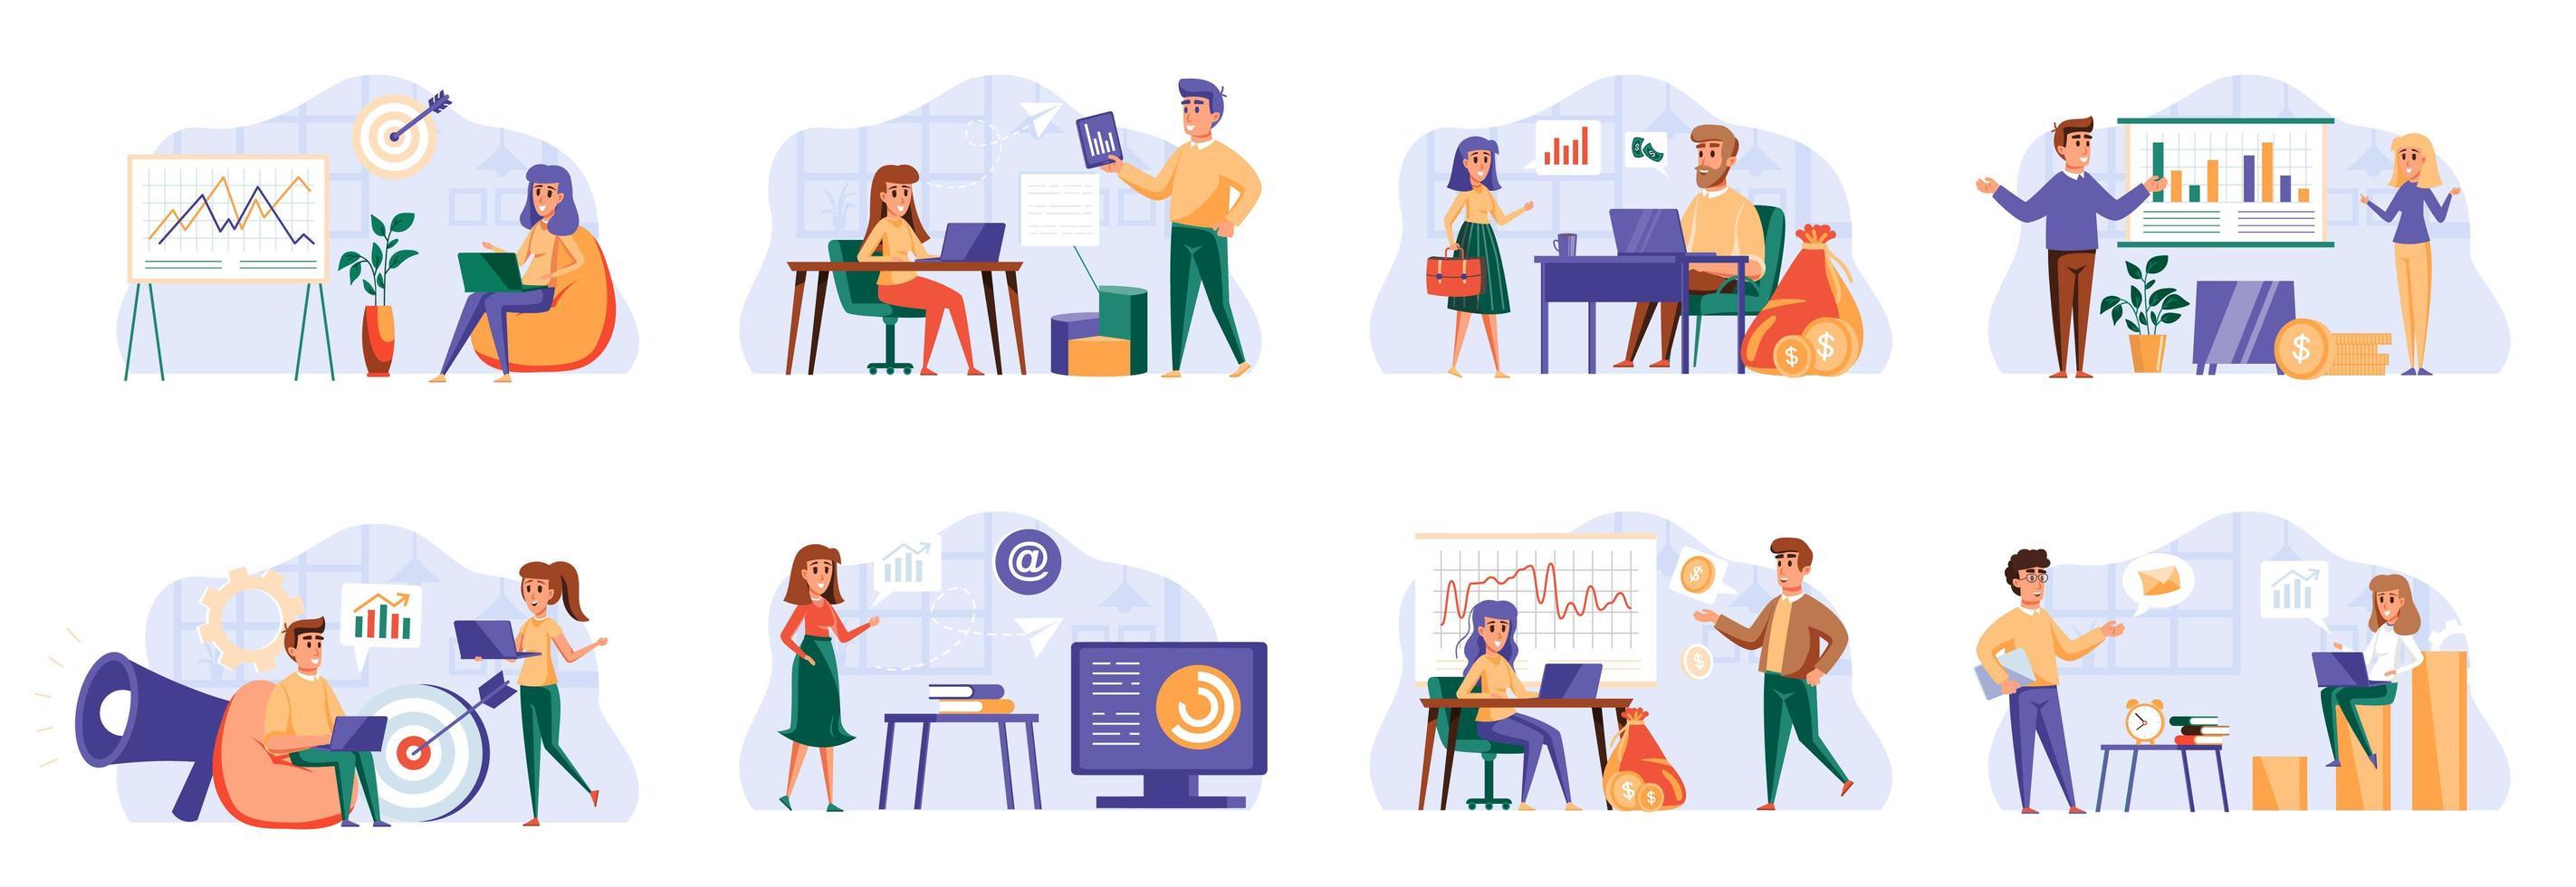 marketingstrategiebundel met personagekarakters. vector